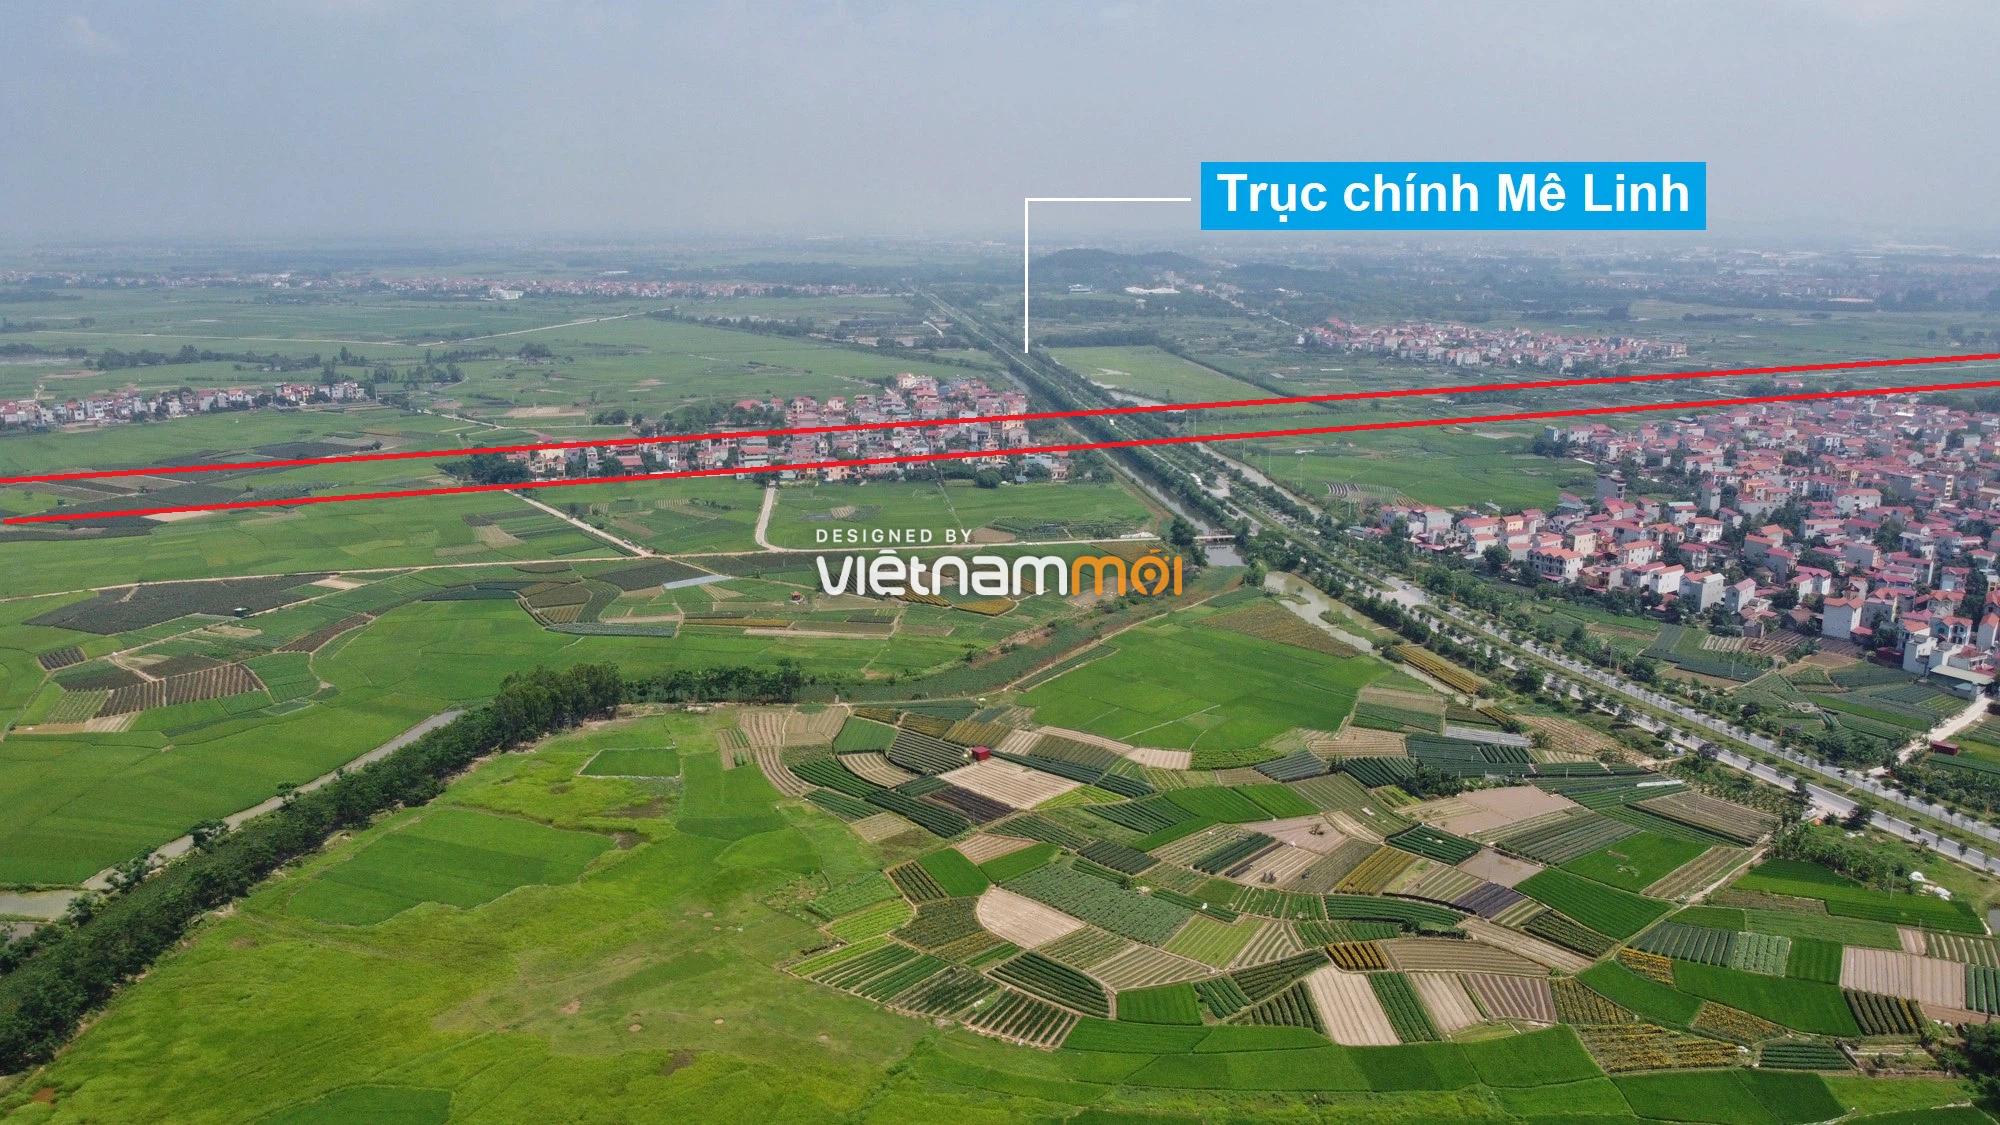 Đường Vành đai 4 sẽ mở theo quy hoạch qua huyện Mê Linh, Hà Nội - Ảnh 3.